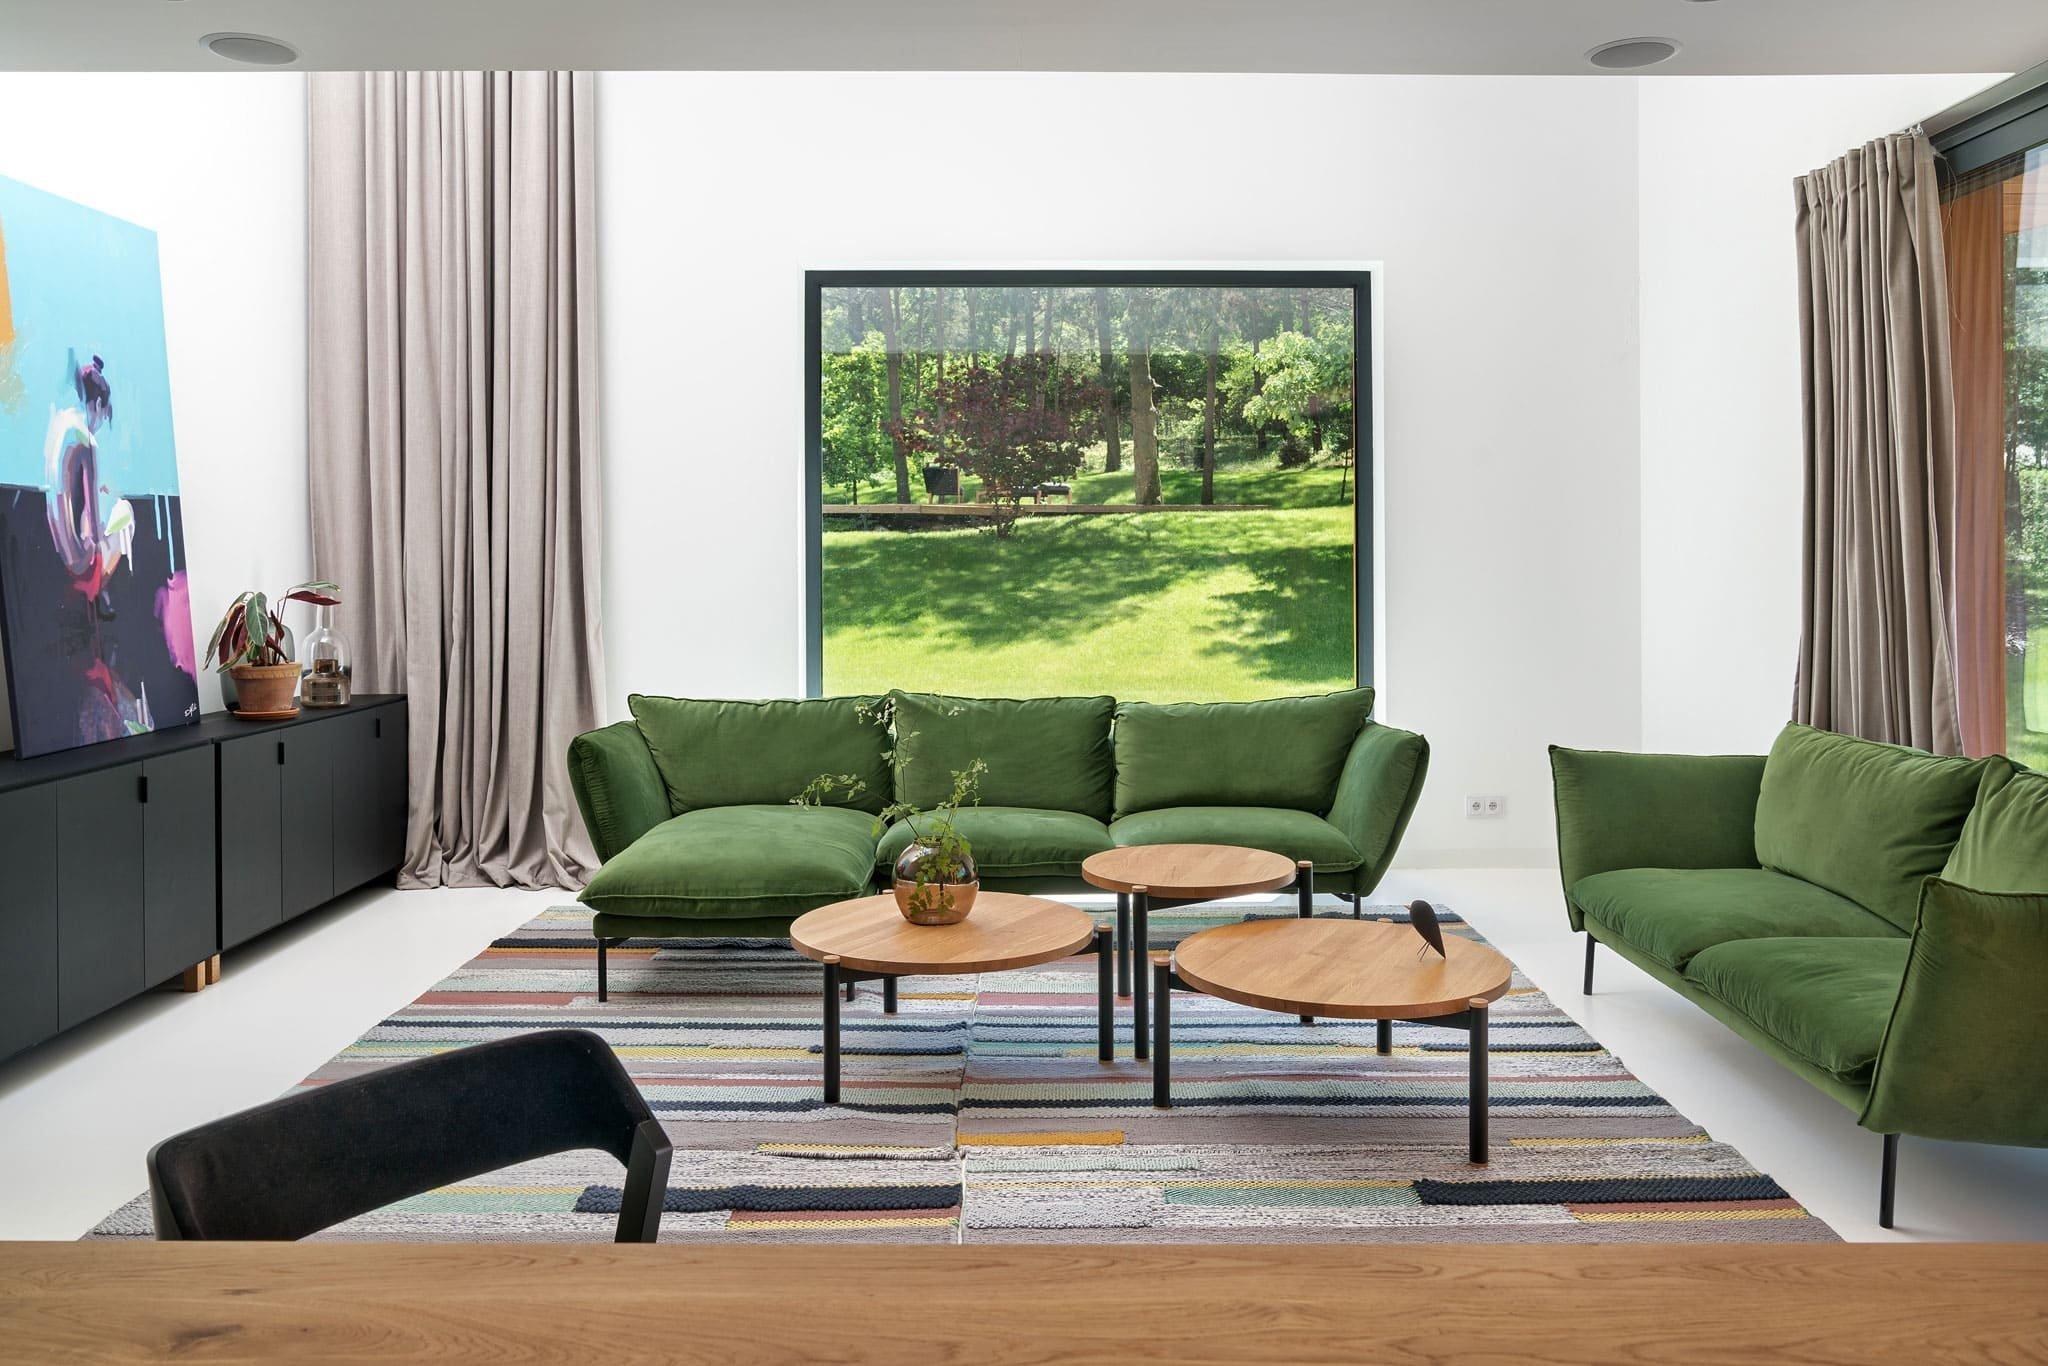 Netradiční dům poblíž Poznaně obklopuje svěží zeleň a jinak tomu není ani v jeho interiéru. Kouzlo přírody prostupuje dovnitř pomocí velkých oken, a vytváří tak jednotící linku s prvky vybavení v zelené barvě. Ve výsledku tedy vzniká bydlení doslova nabité energií, které je svěží a přirozeně krásné.